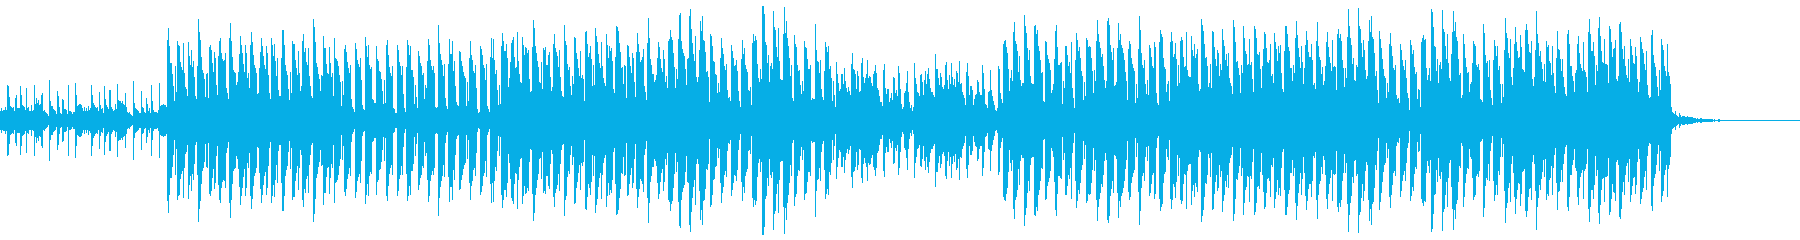 おしゃれ・かっこいい・EDM2の再生済みの波形